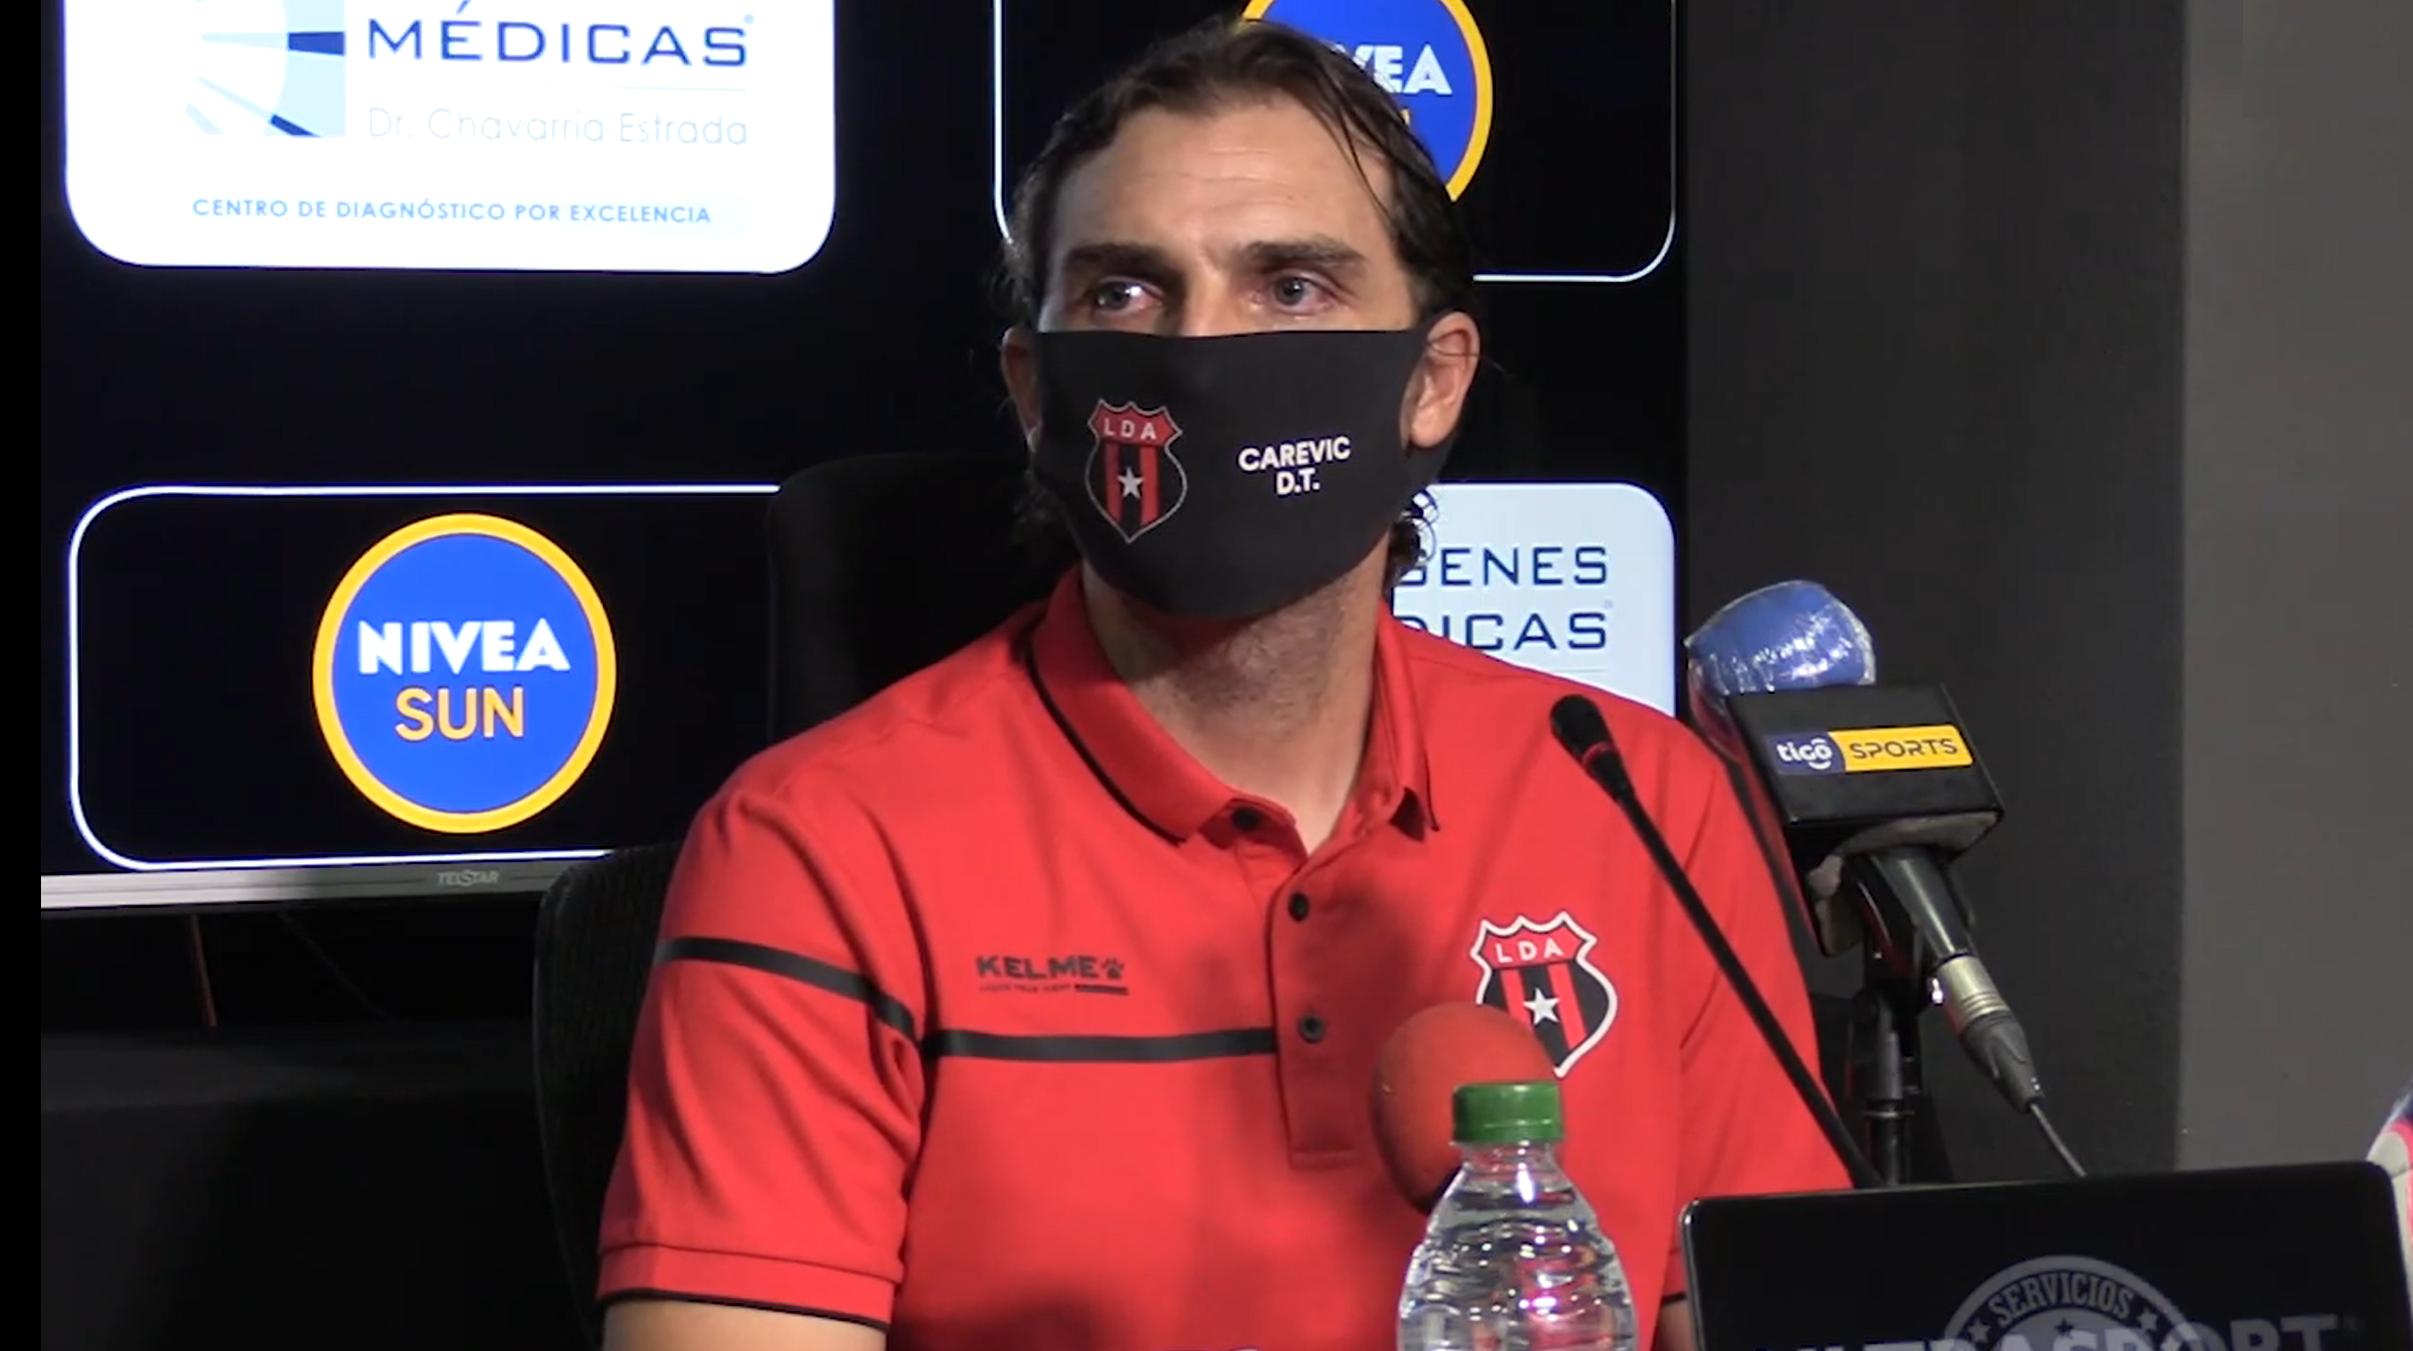 """Andrés Carevic: """"Estamos enfocados en terminar bien el torneo y después pensaremos en las semifinales"""""""